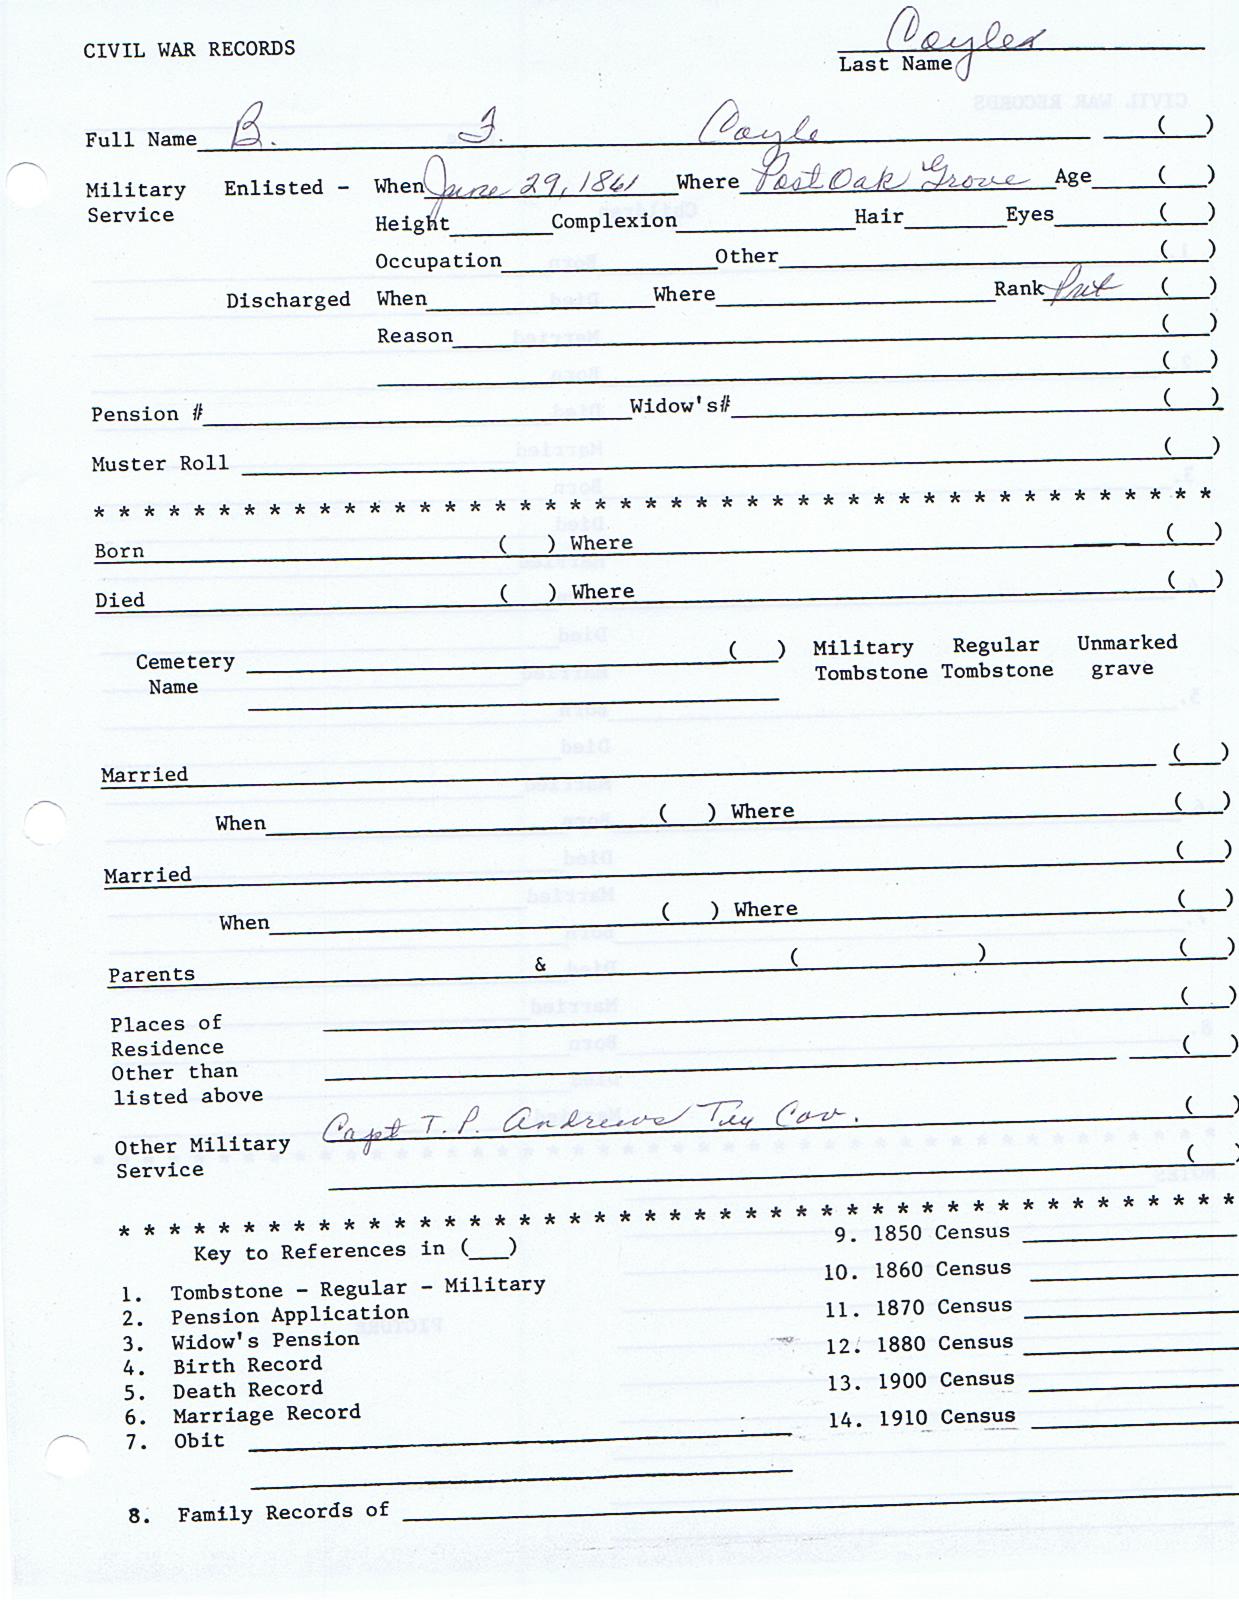 coyle-kaufman_civil_war_records-3554